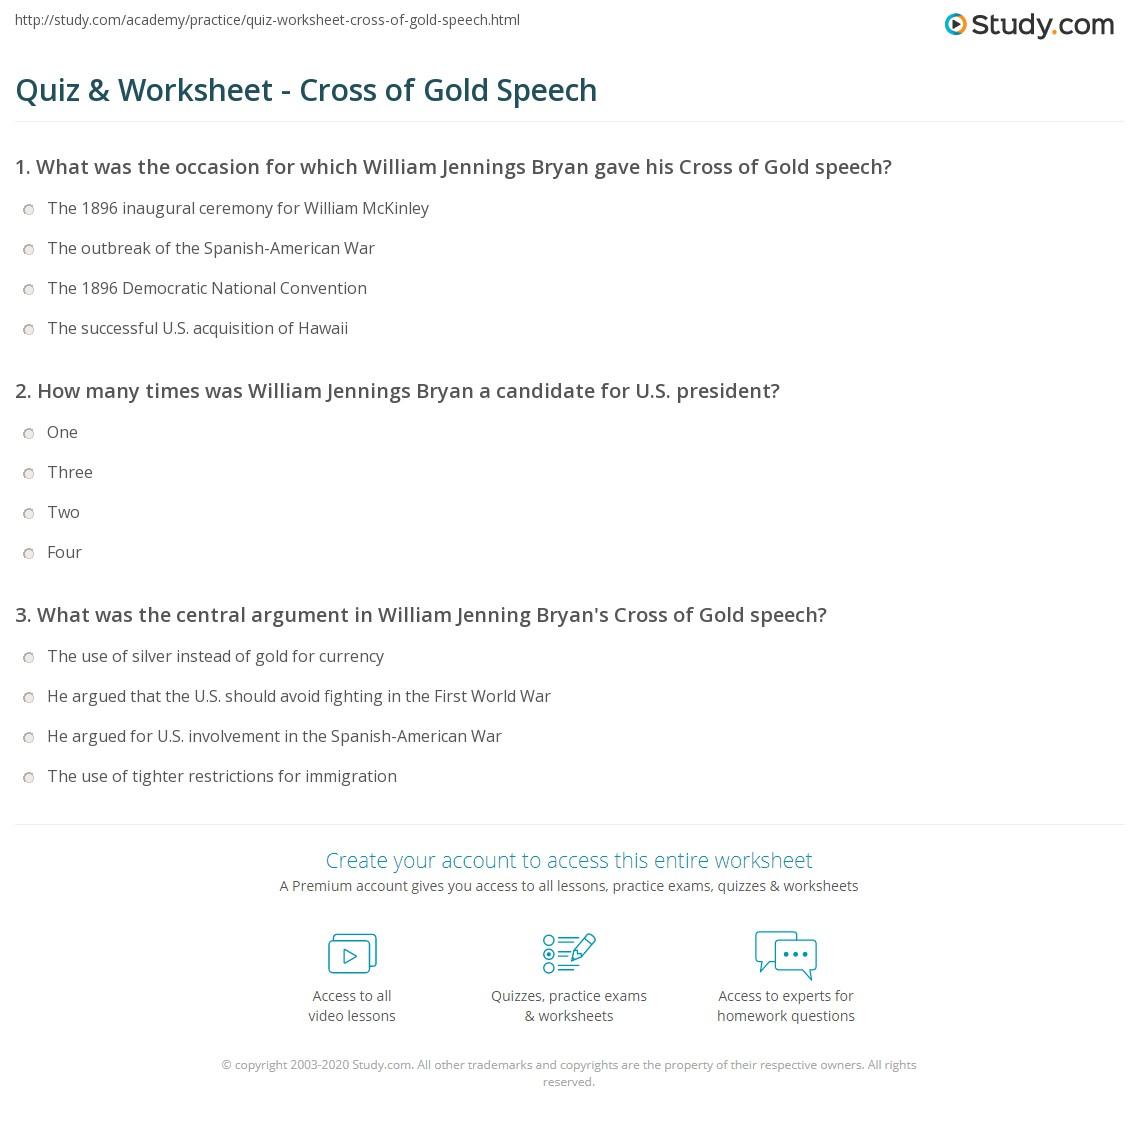 Quiz & Worksheet - Cross of Gold Speech | Study.com